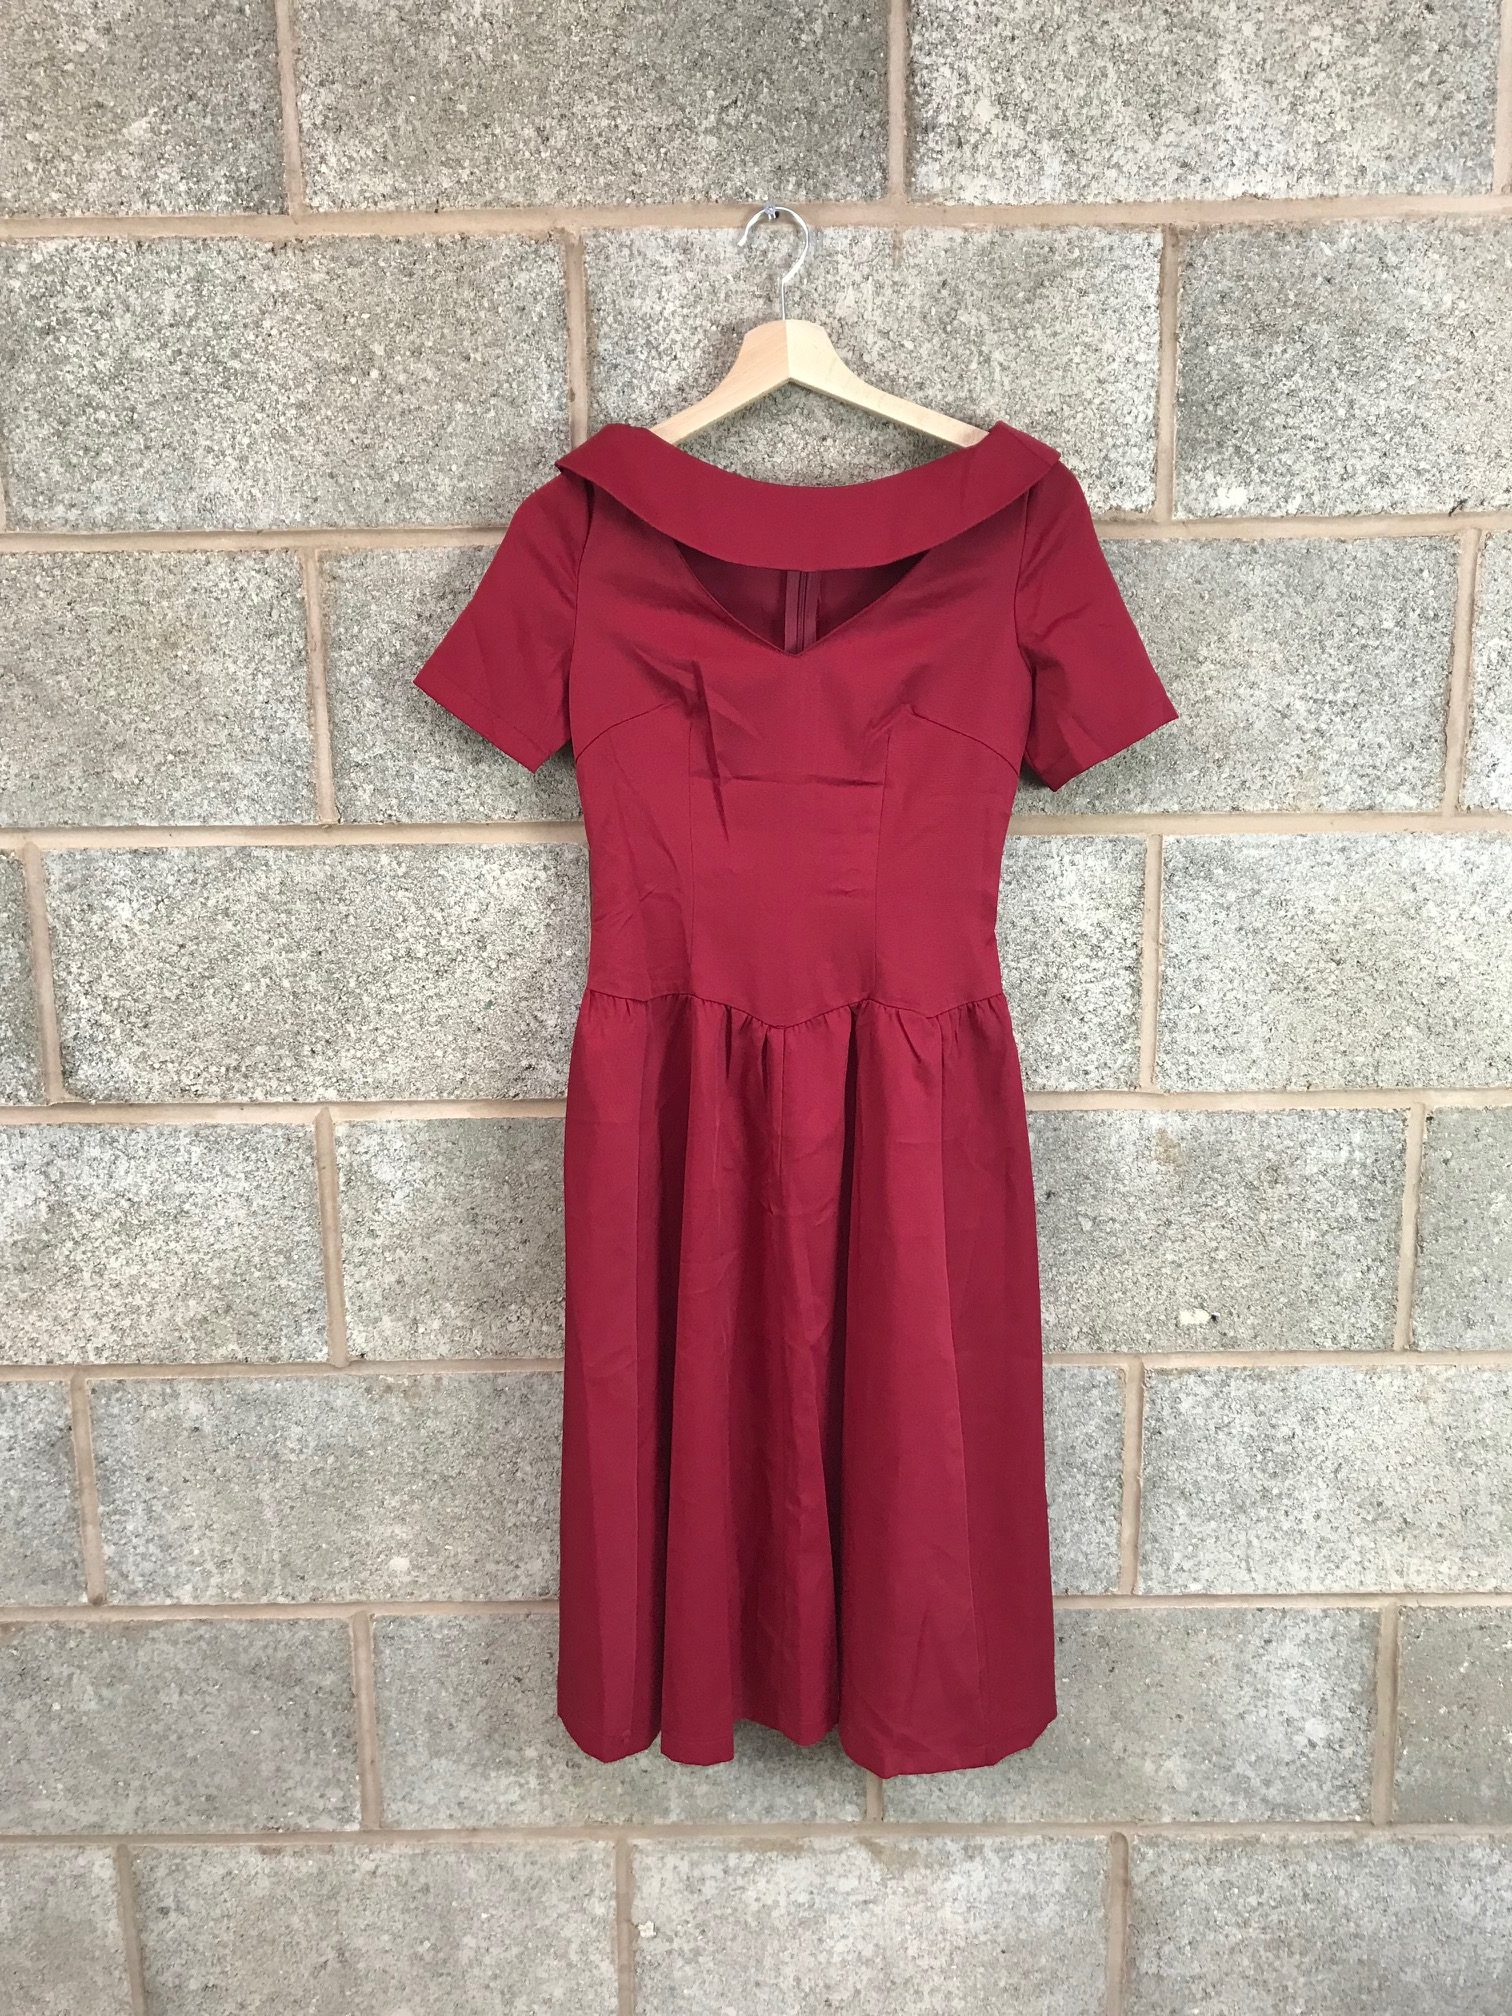 e216e3d13205e Wine Keyhole Swing Dress - SIZE 14 - Elsie s Attic